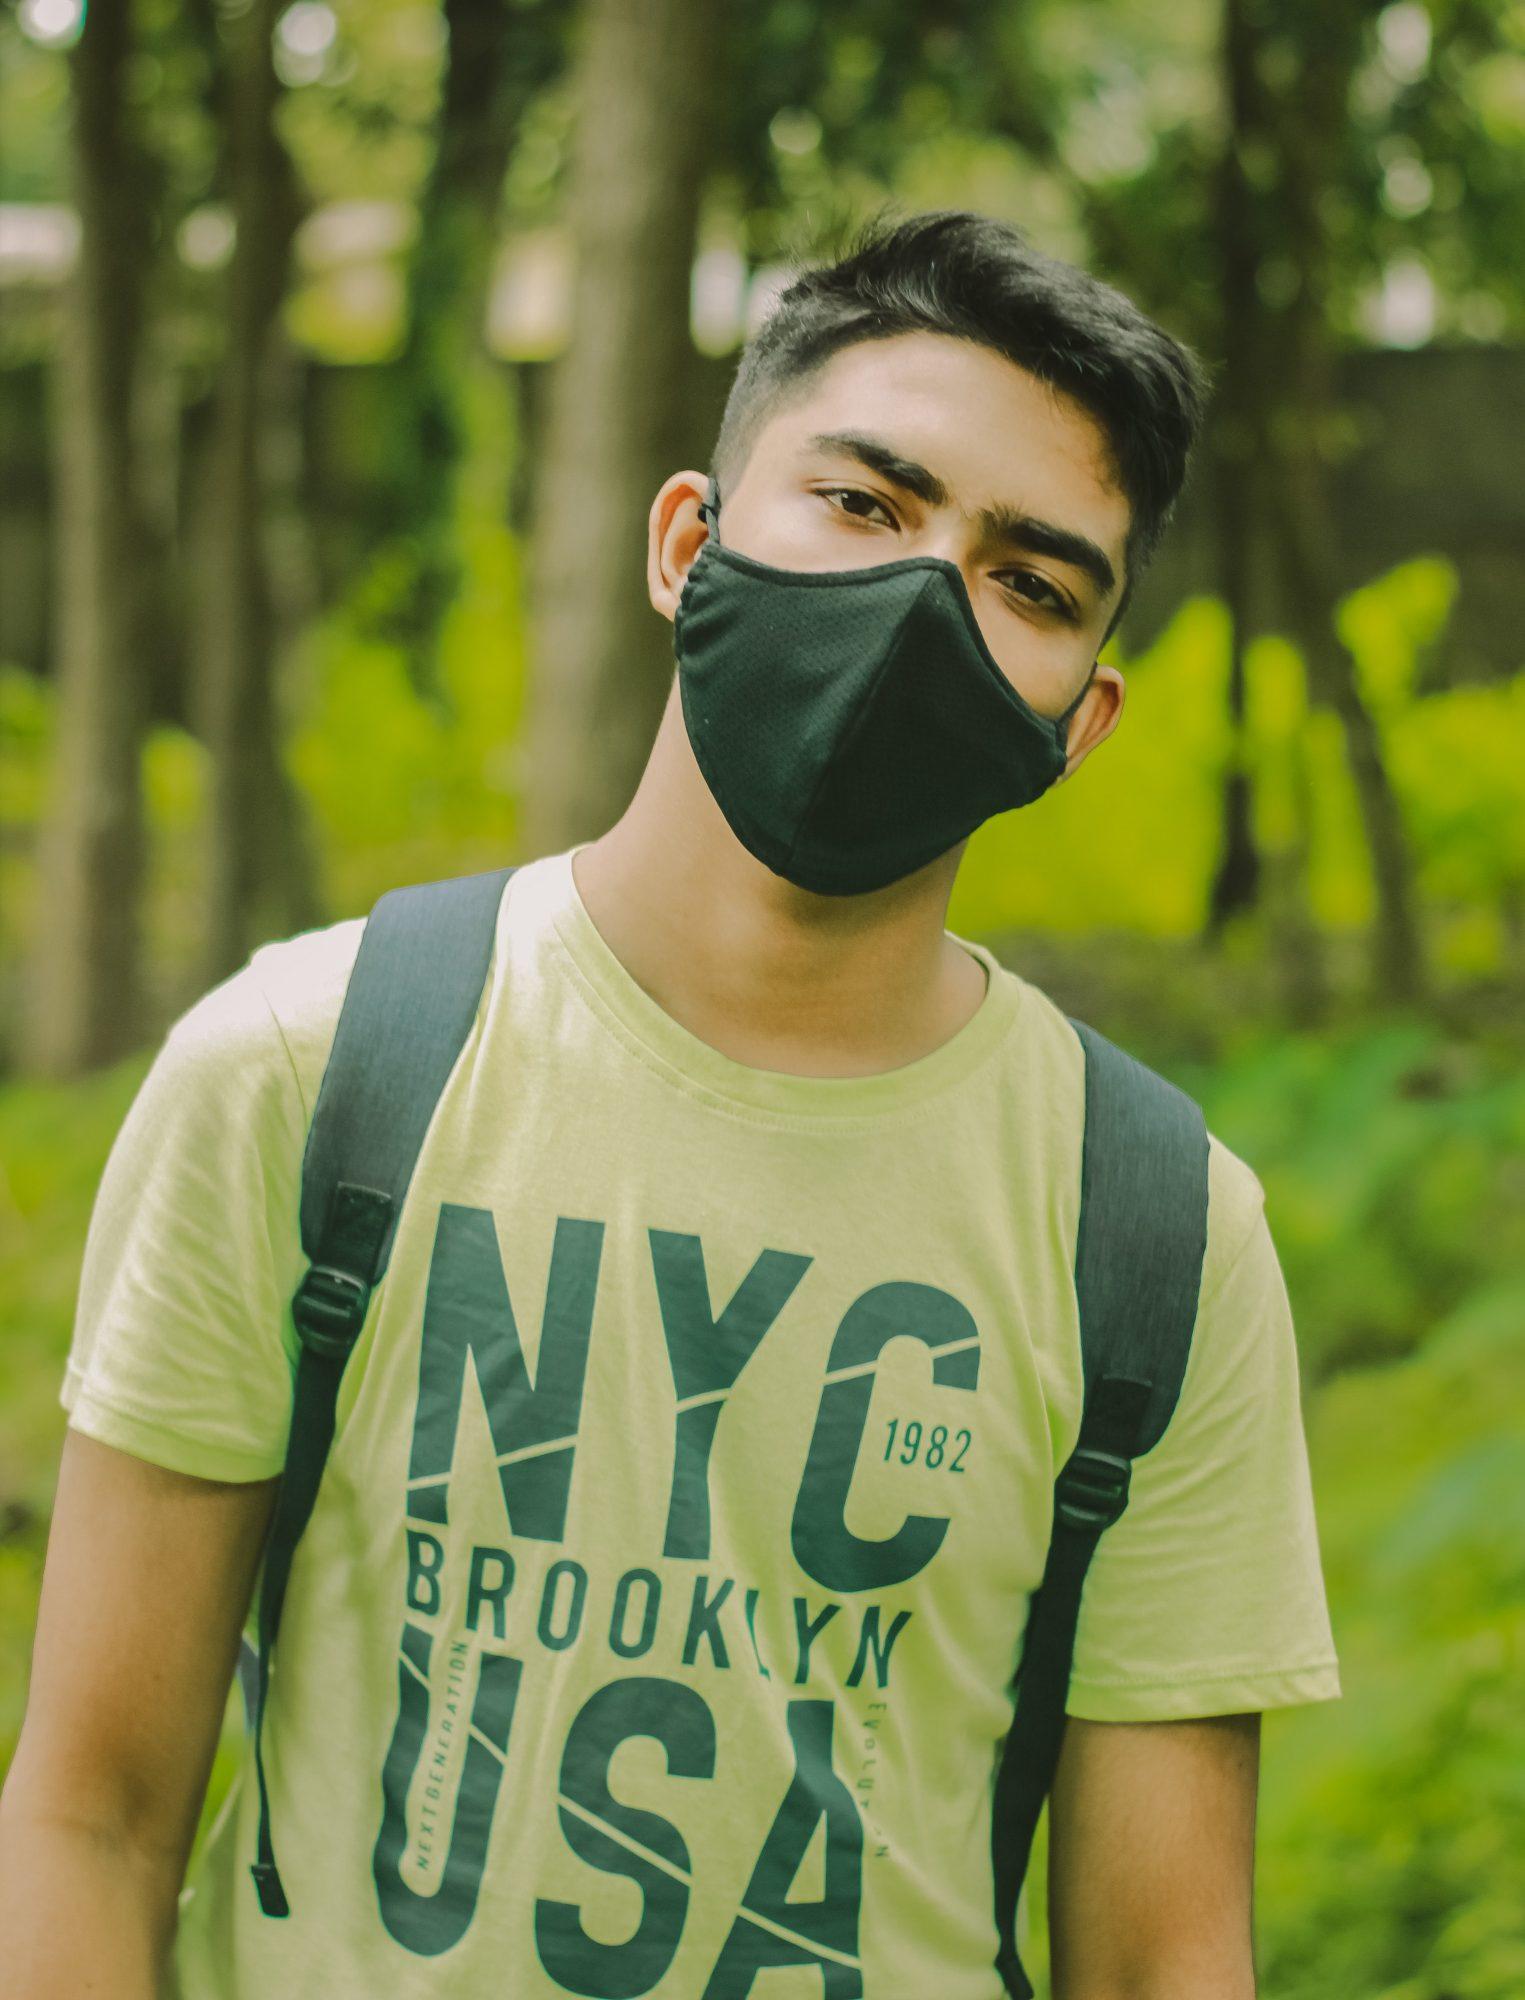 mask and t-shirt mockup free